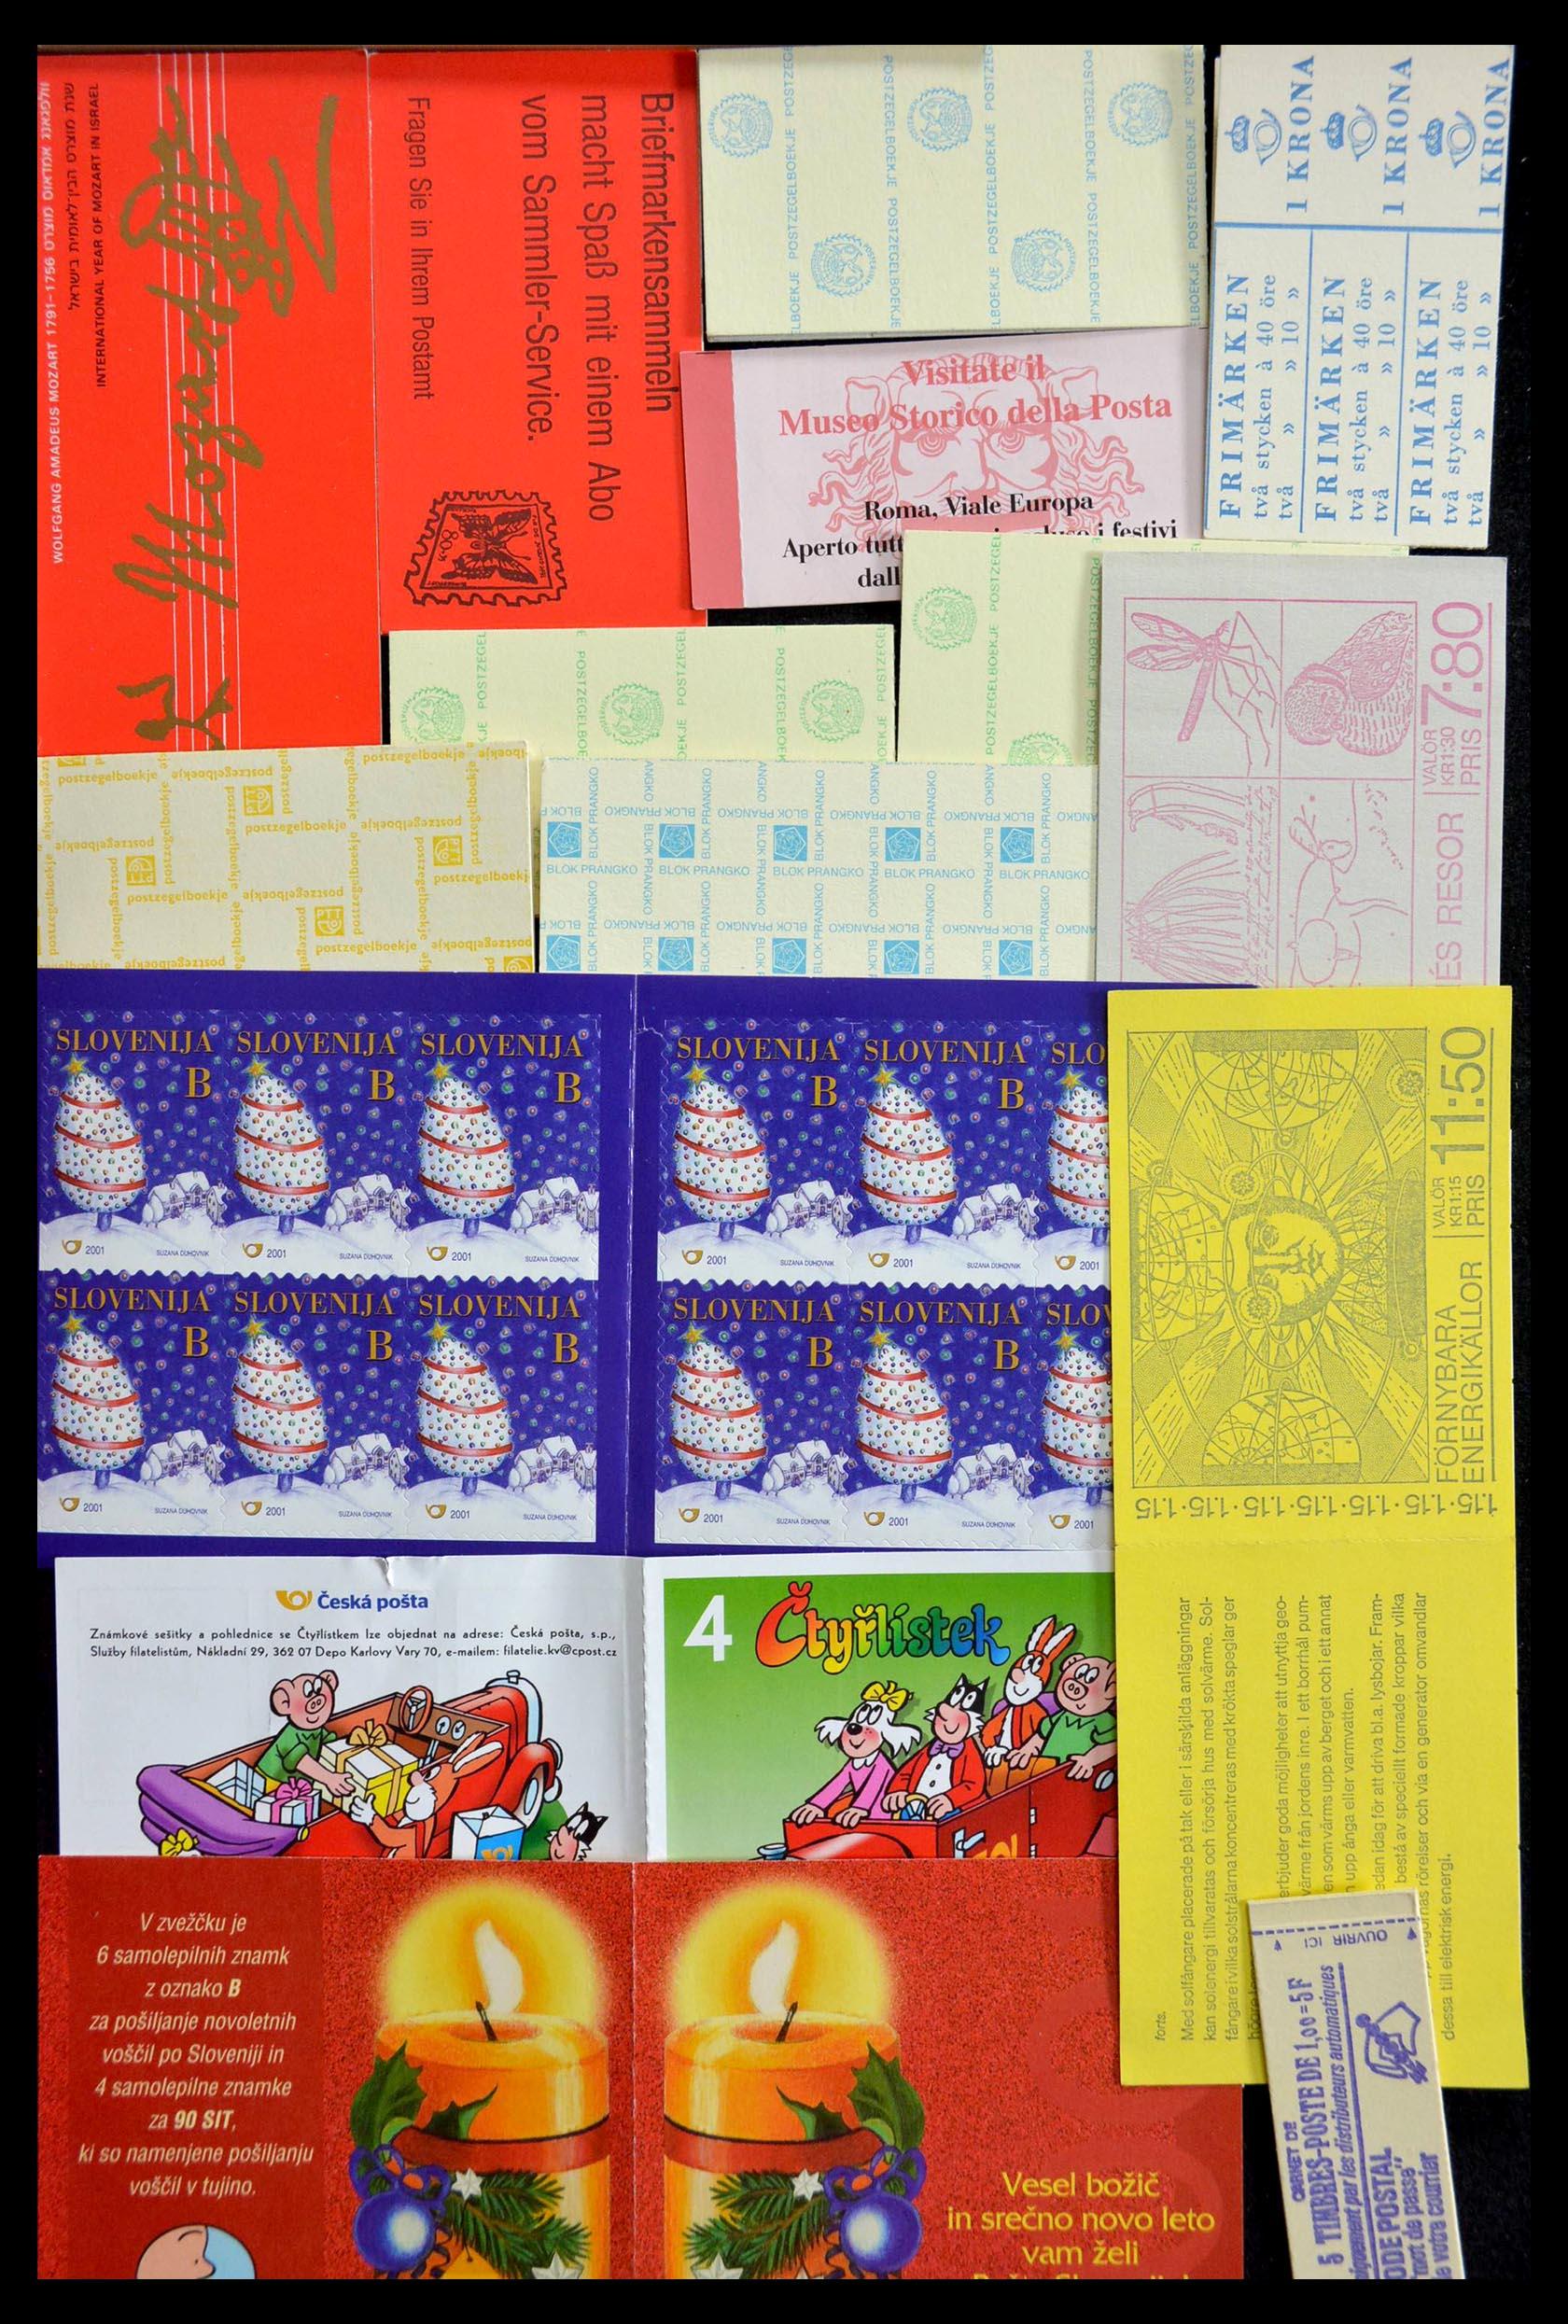 28824 007 - 28824 West Europa postzegelboekjes t/m modern.